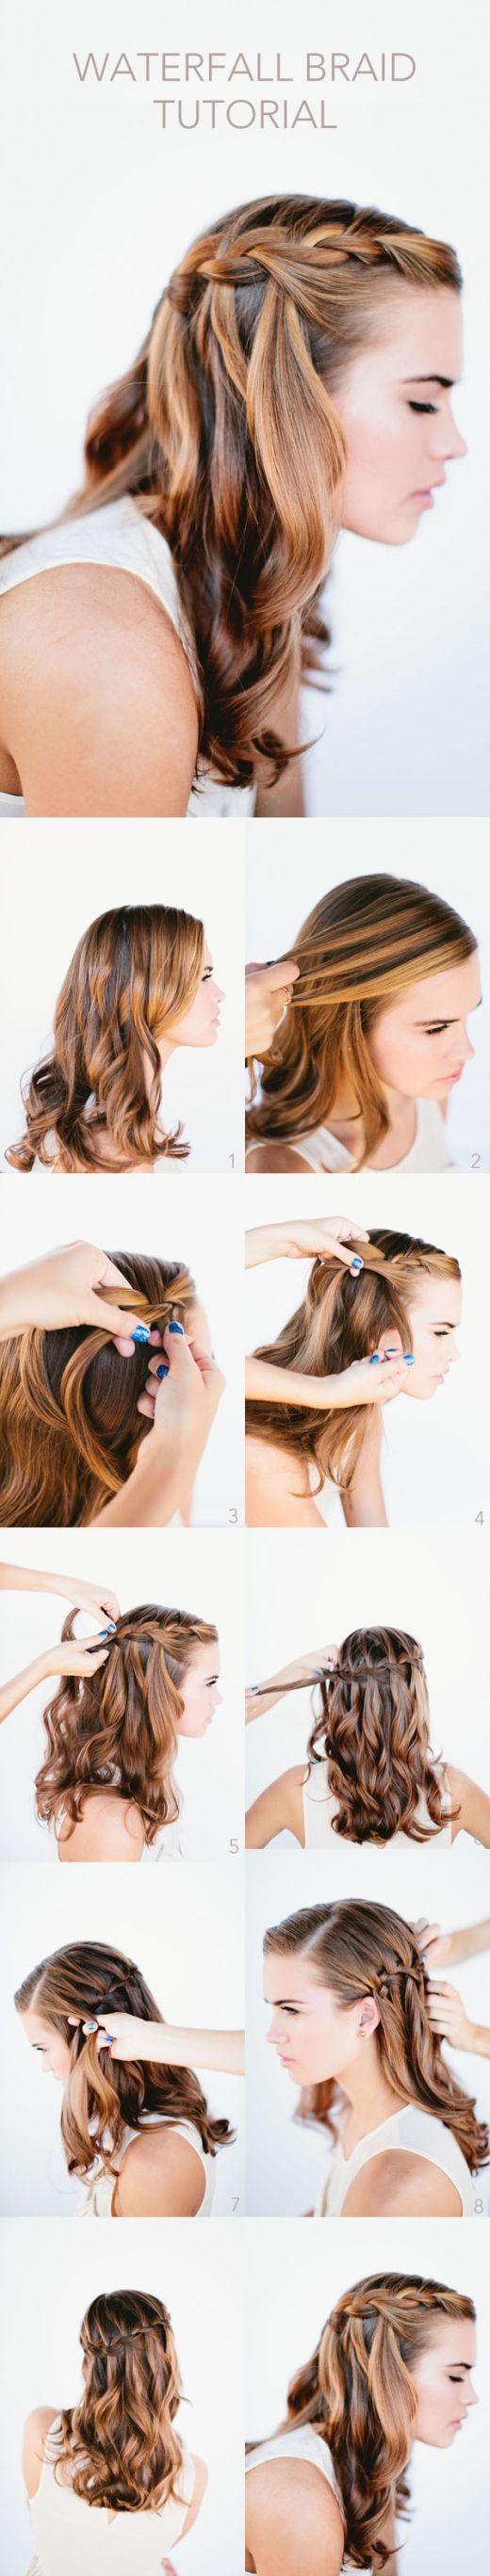 Hair tutorials | Waterfall Braid Hairstyles for Long Hair